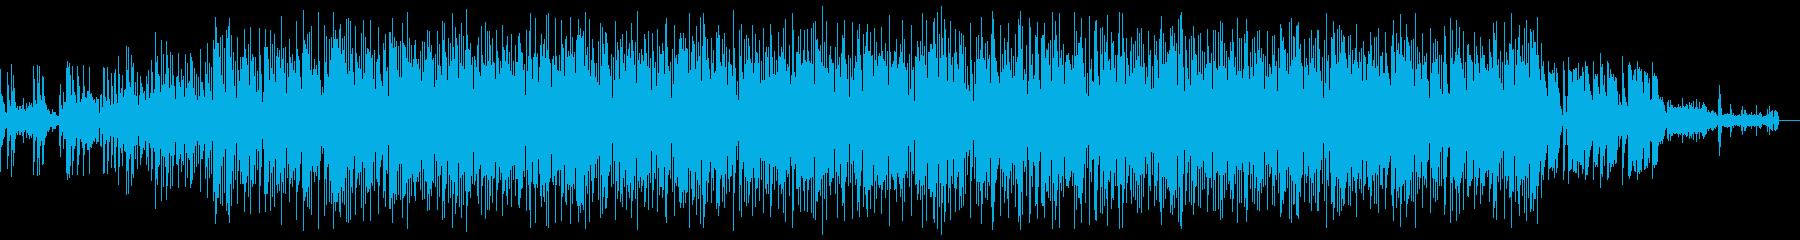 スタイリッシュなエレクトロ曲です。の再生済みの波形